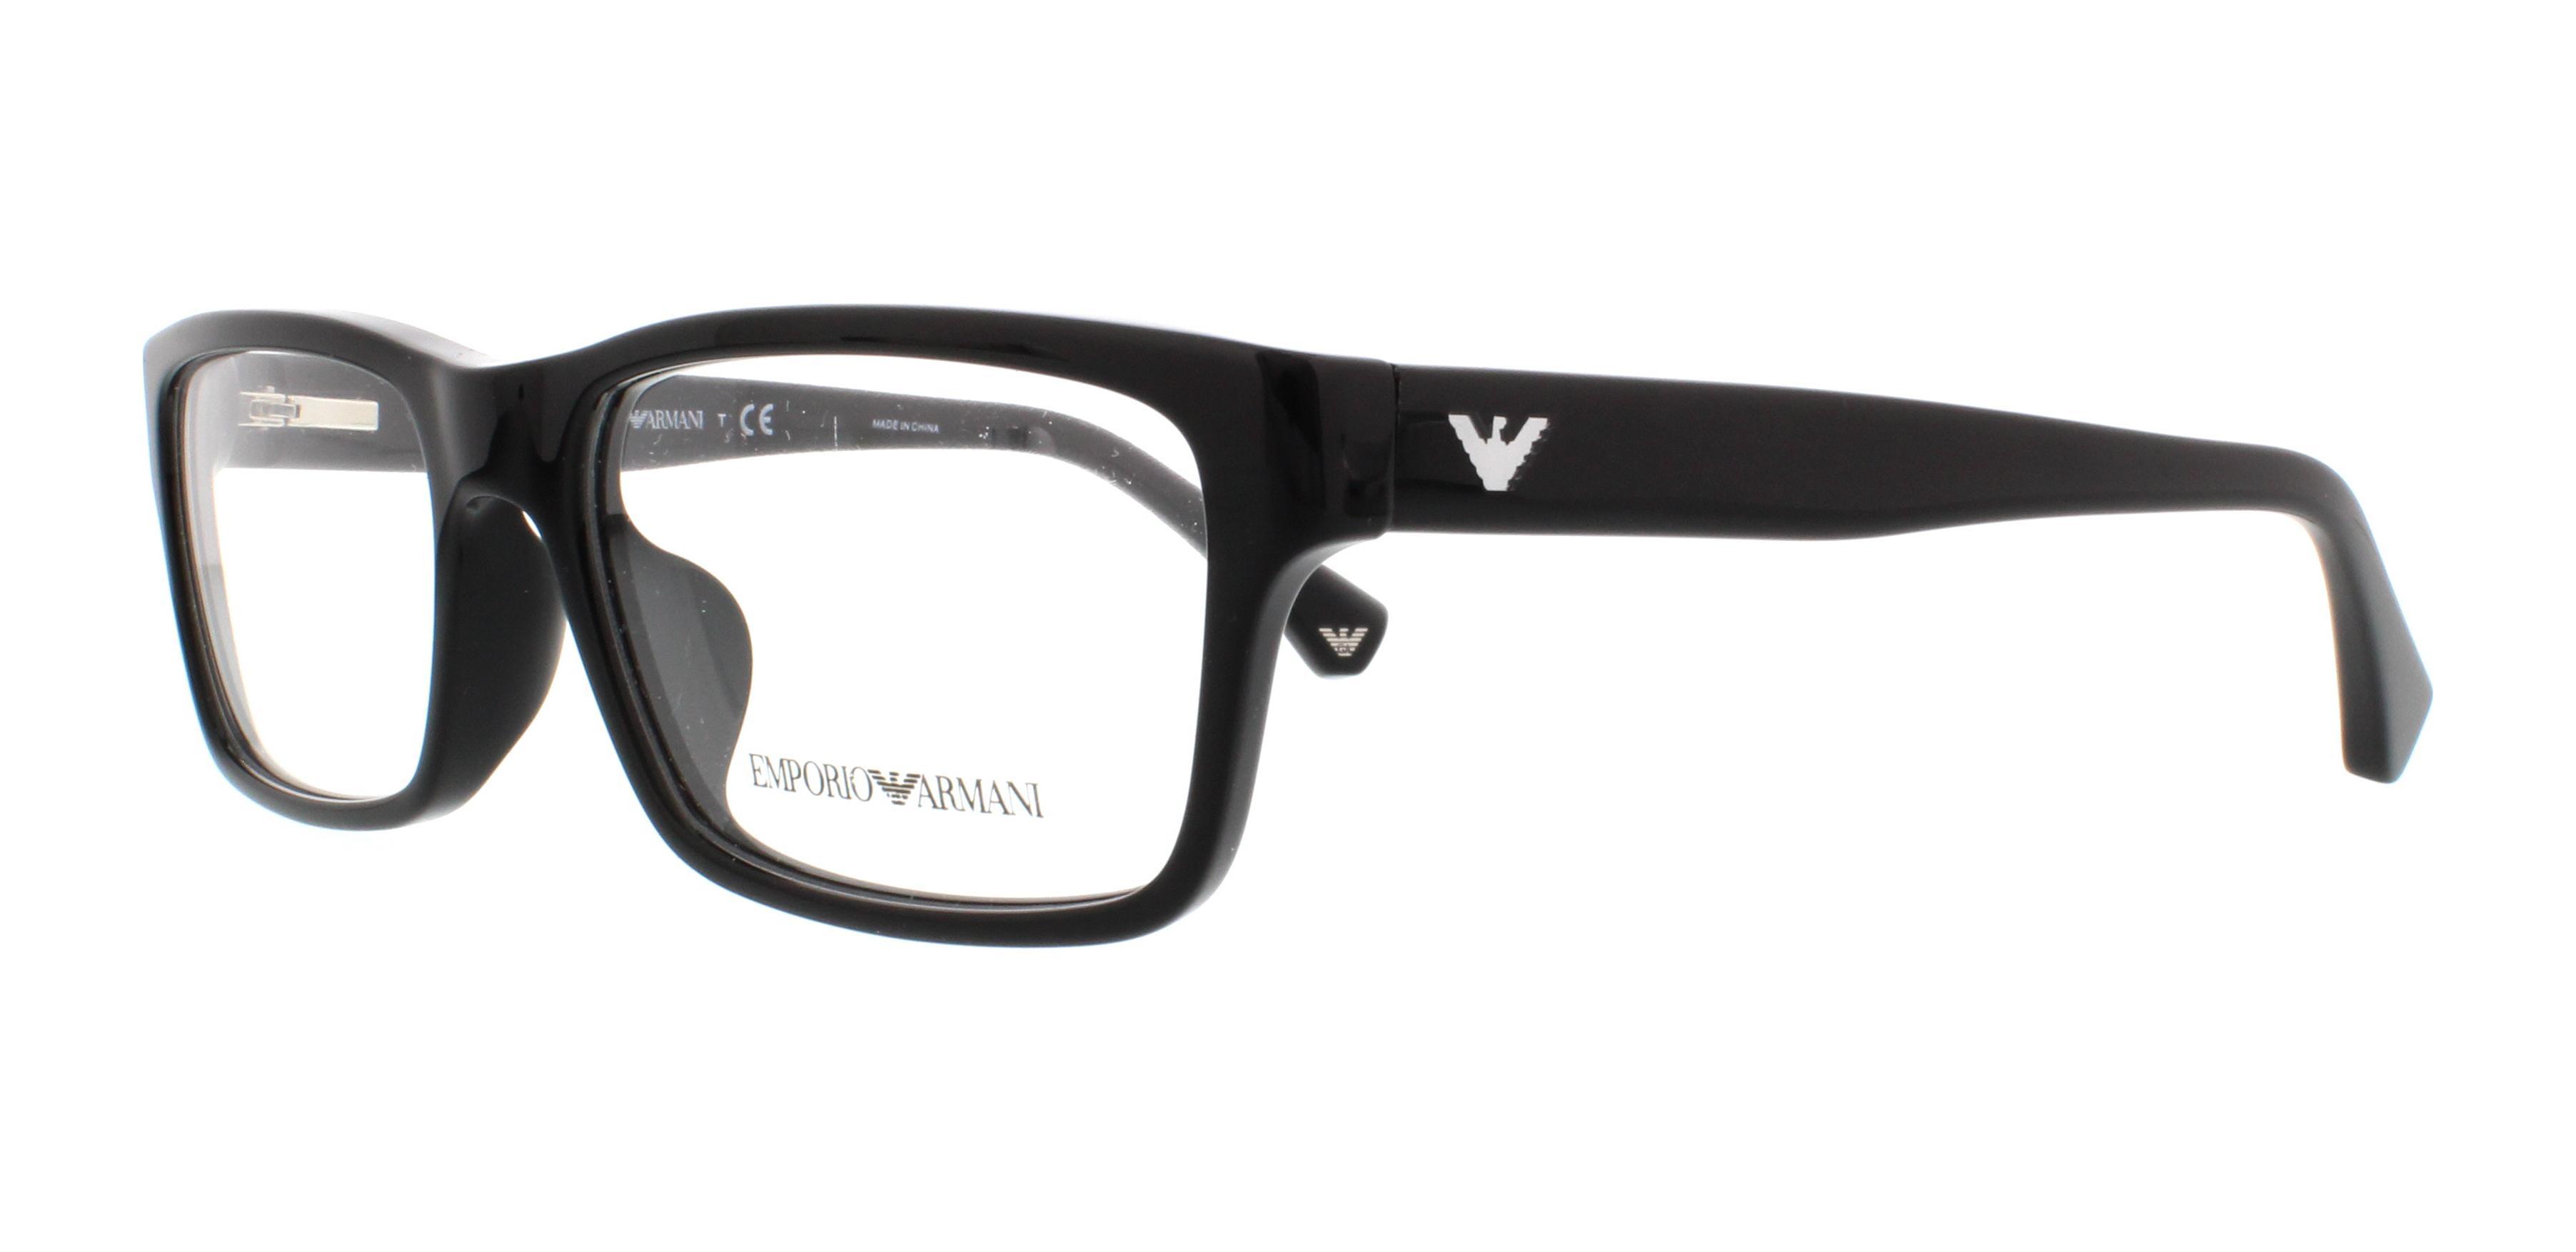 EMPORIO ARMANI Eyeglasses EA3050F 5017 Black 55MM 8053672376081 | eBay